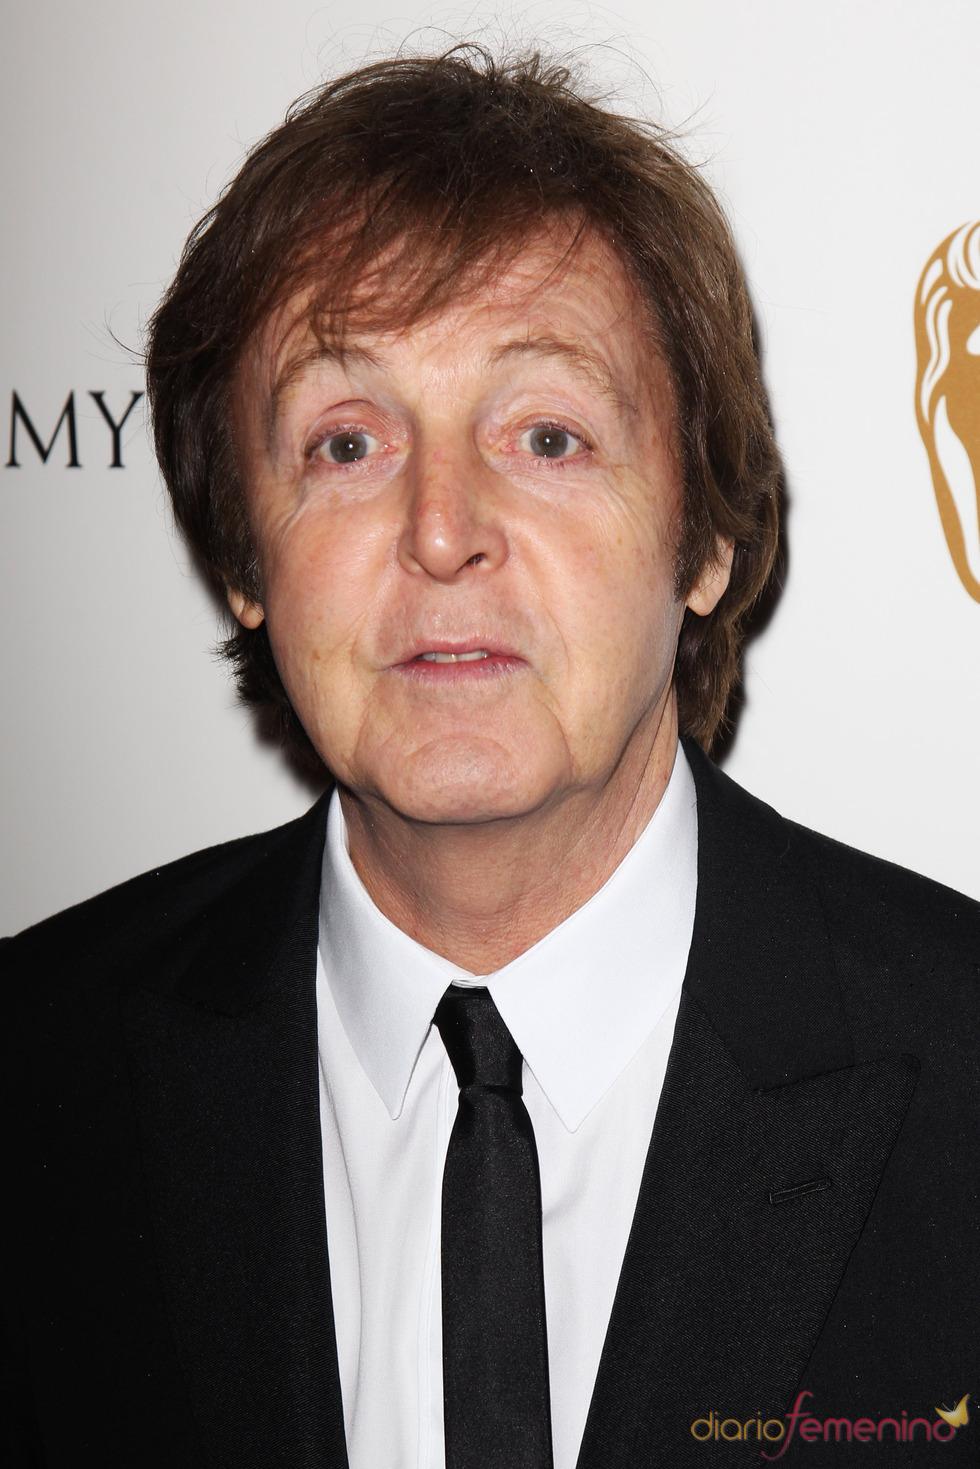 Paul McCartney en la alfombra roja de los Bafta 2011